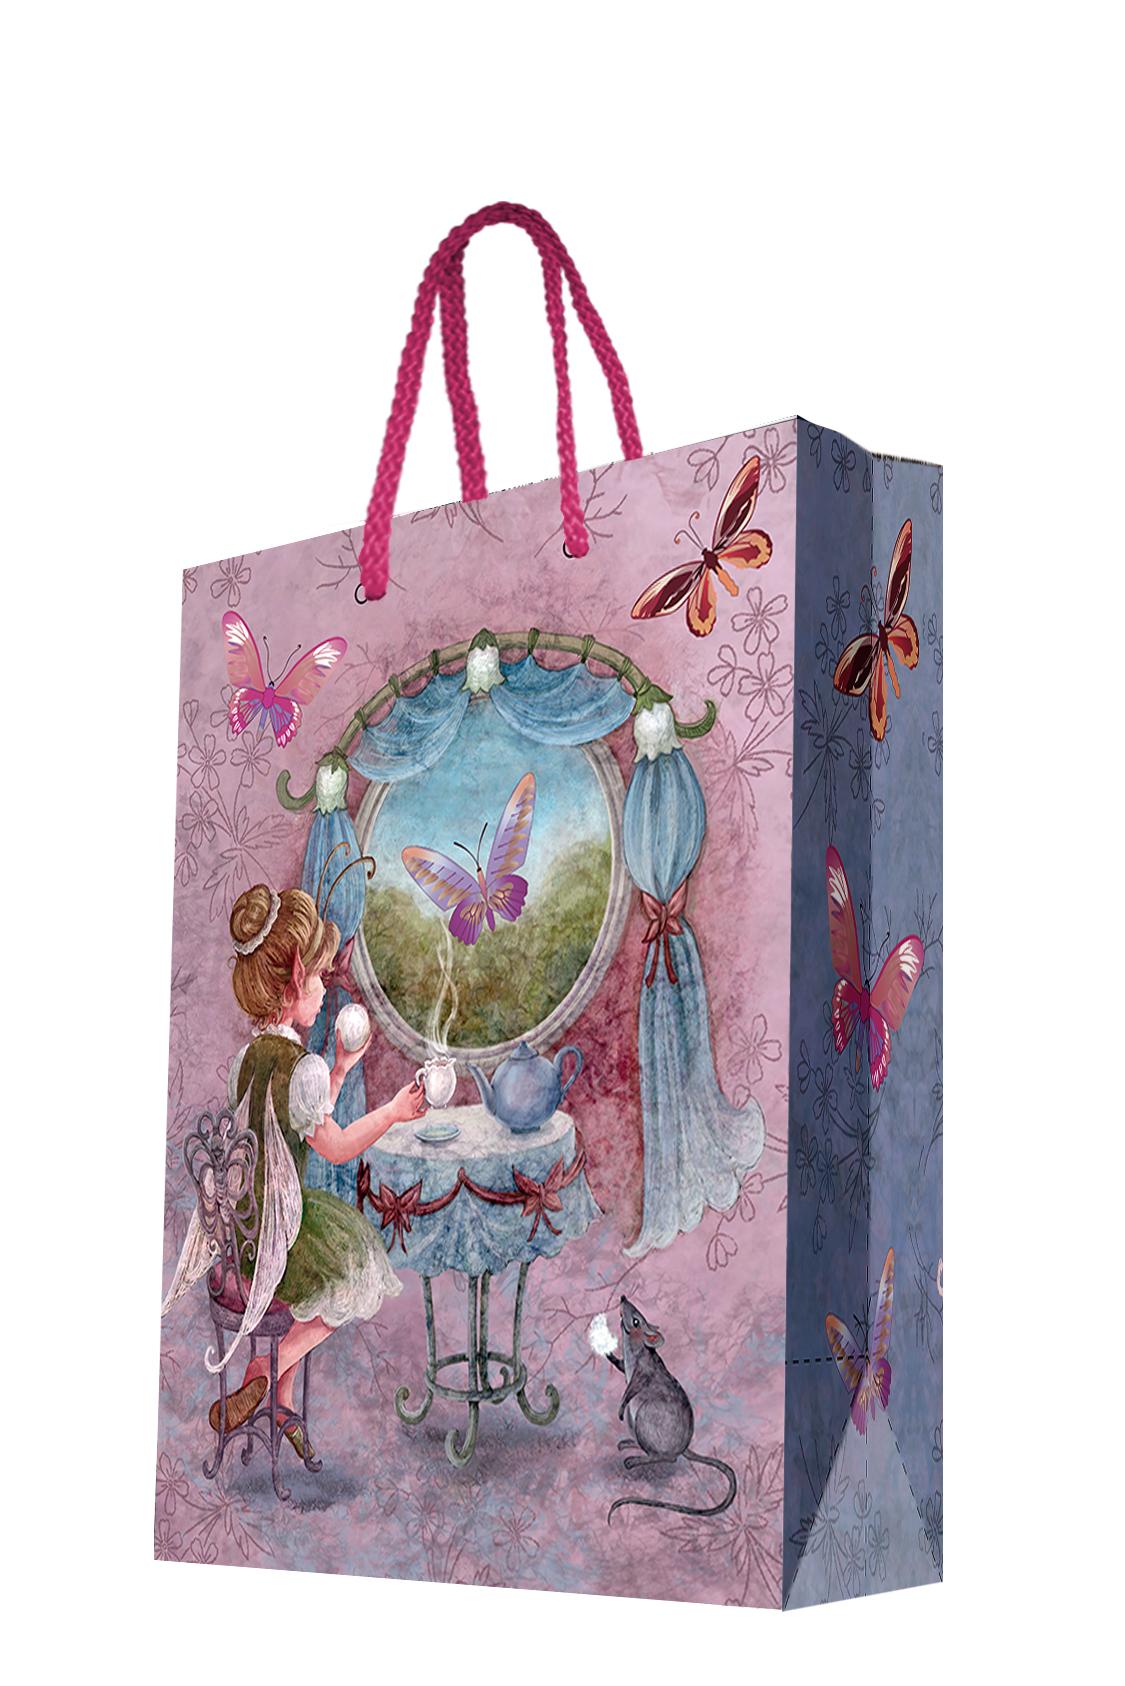 Пакет подарочный Magic Home Волшебное чаепитие, 26 х 32,4 х 12,7 см44196Подарочный пакет Magic Home, изготовленный из плотной бумаги, станет незаменимым дополнением к выбранному подарку. Дно изделия укреплено картоном, который позволяет сохранить форму пакета и исключает возможность деформации дна под тяжестью подарка. Пакет выполнен с глянцевой ламинацией, что придает ему прочность, а изображению - яркость и насыщенность цветов. Для удобной переноски имеются две ручки в виде шнурков.Подарок, преподнесенный в оригинальной упаковке, всегда будет самым эффектным и запоминающимся. Окружите близких людей вниманием и заботой, вручив презент в нарядном, праздничном оформлении.Плотность бумаги: 140 г/м2.